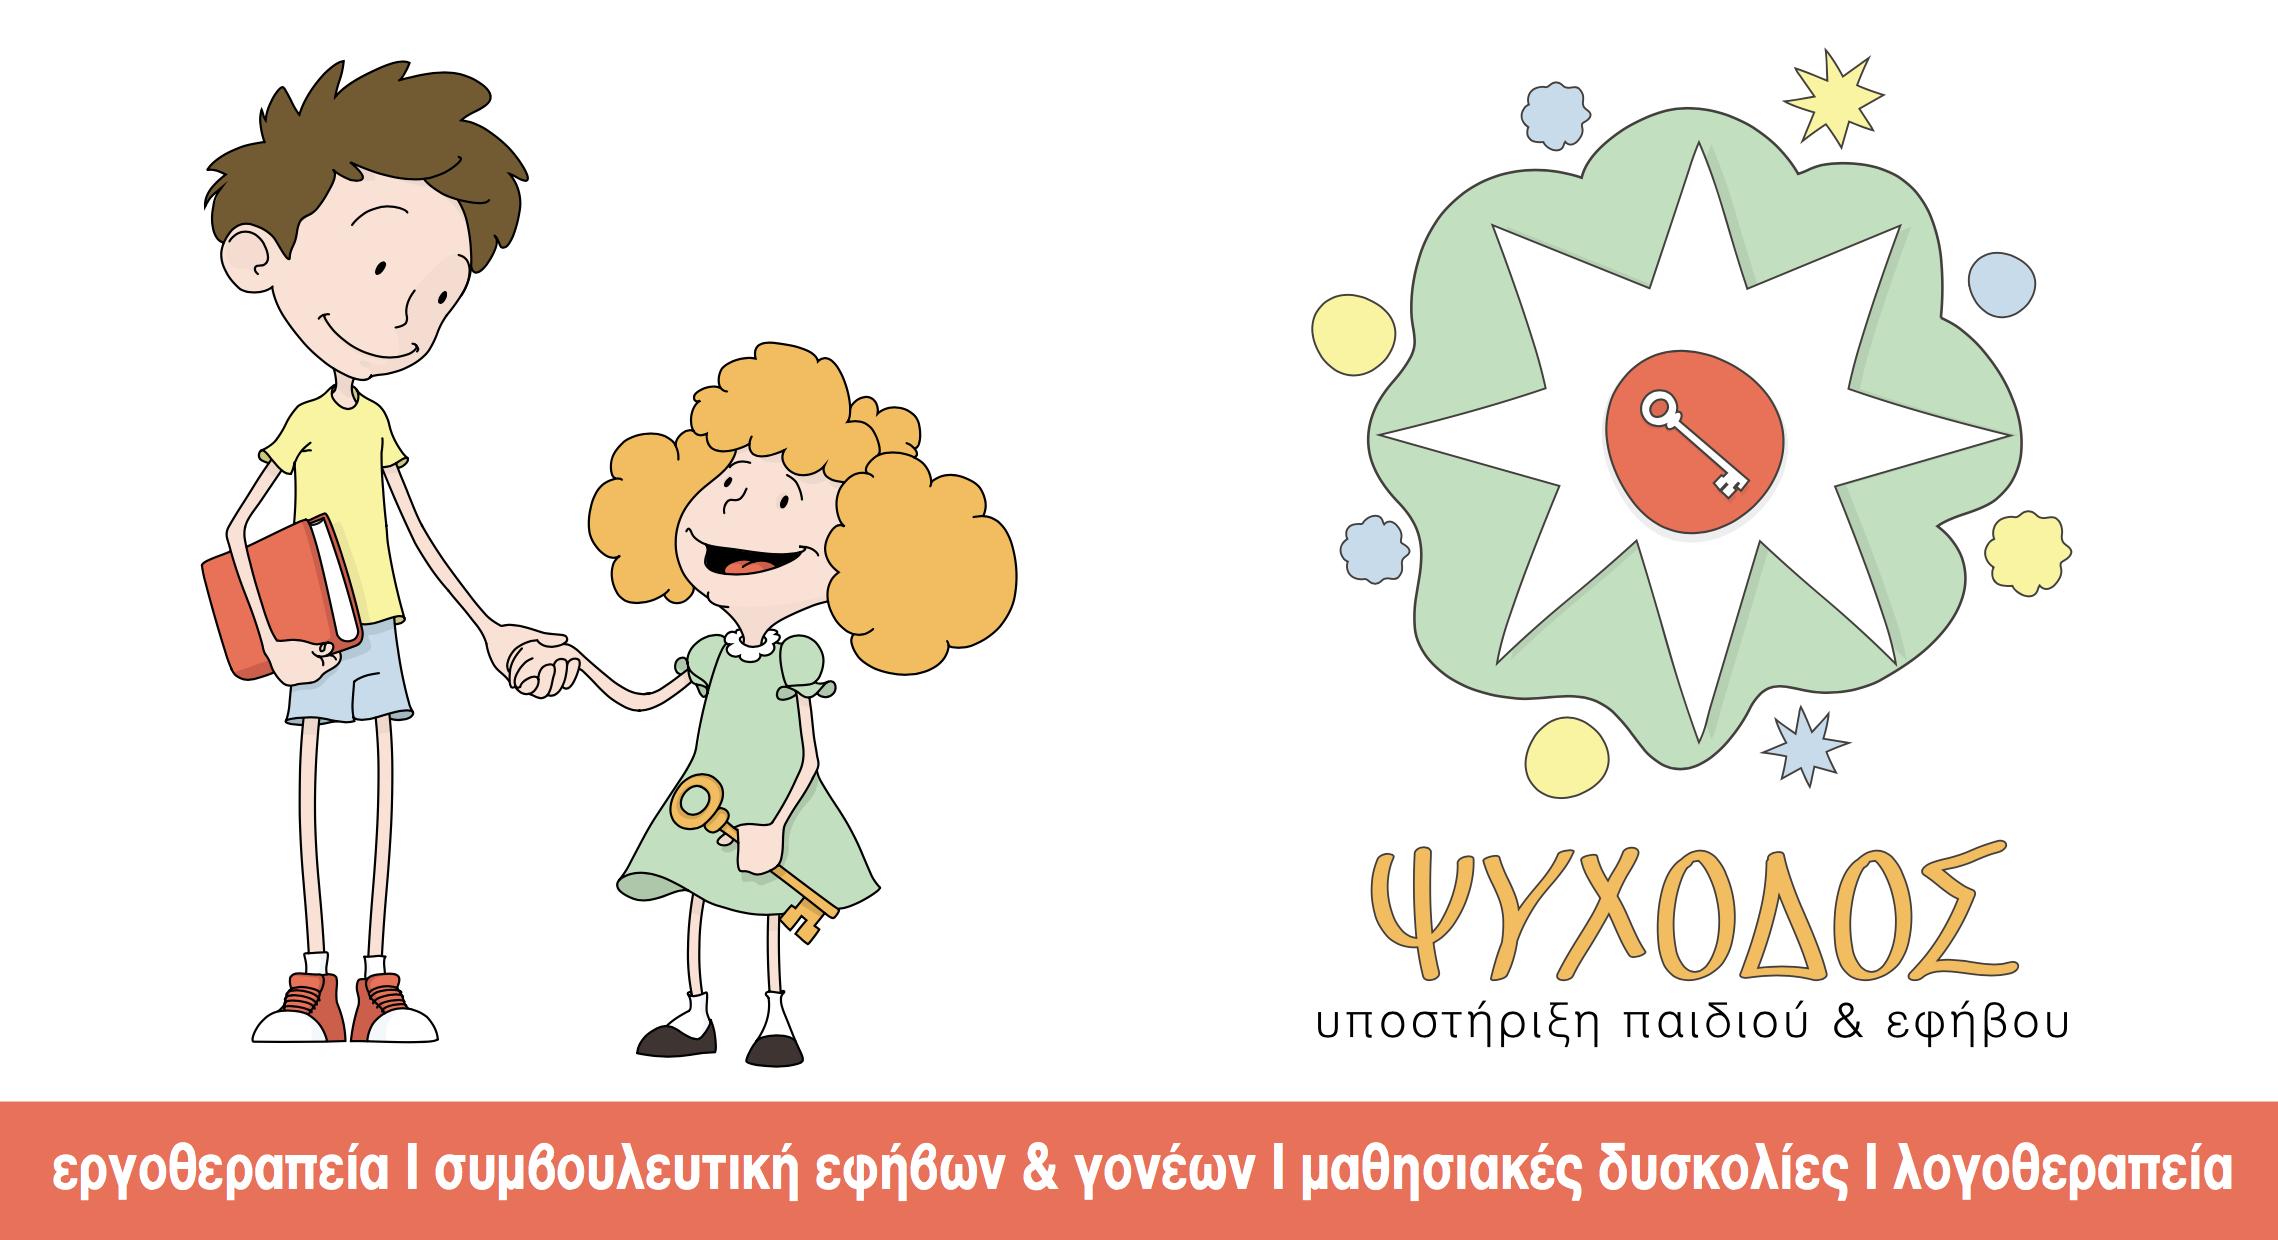 Λογότυπο για το Ψυχοδός Junior που ειδικεύεται στην Θεραπευτική Υποστήριξη και Συμβουλευτική Παιδιών και Εφήβων.